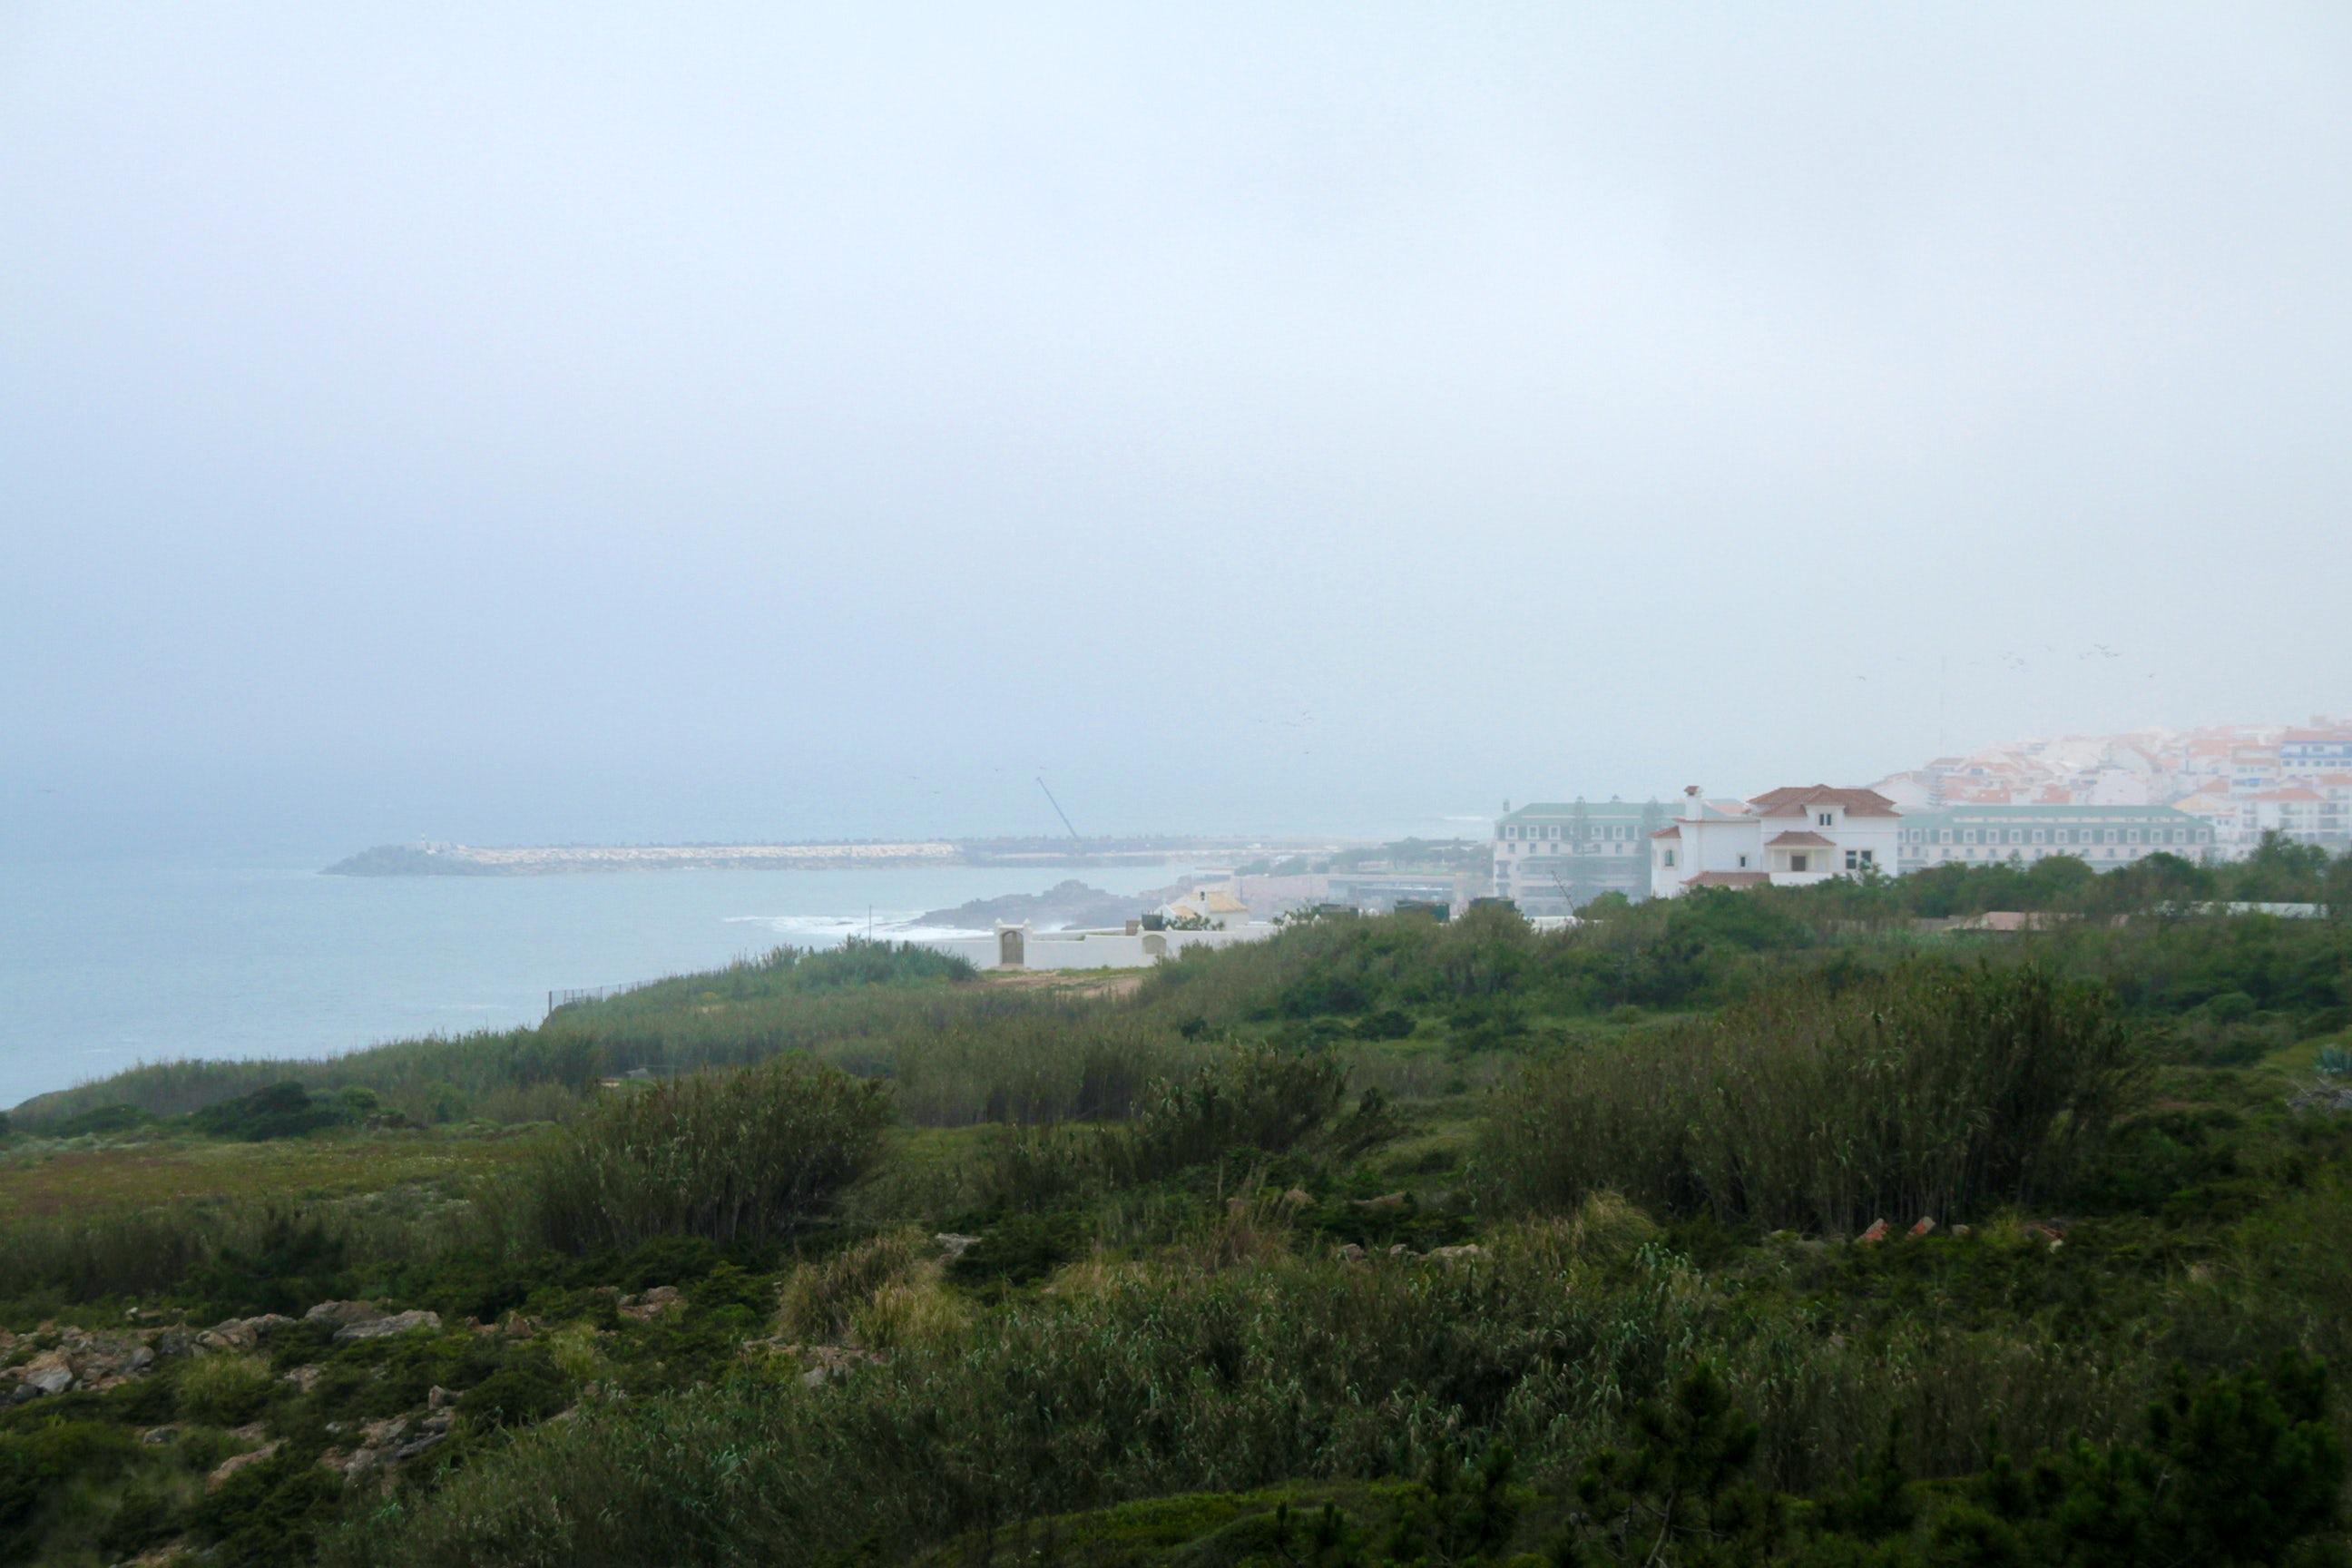 Morning stroll in Foz do Lizandro, pt1